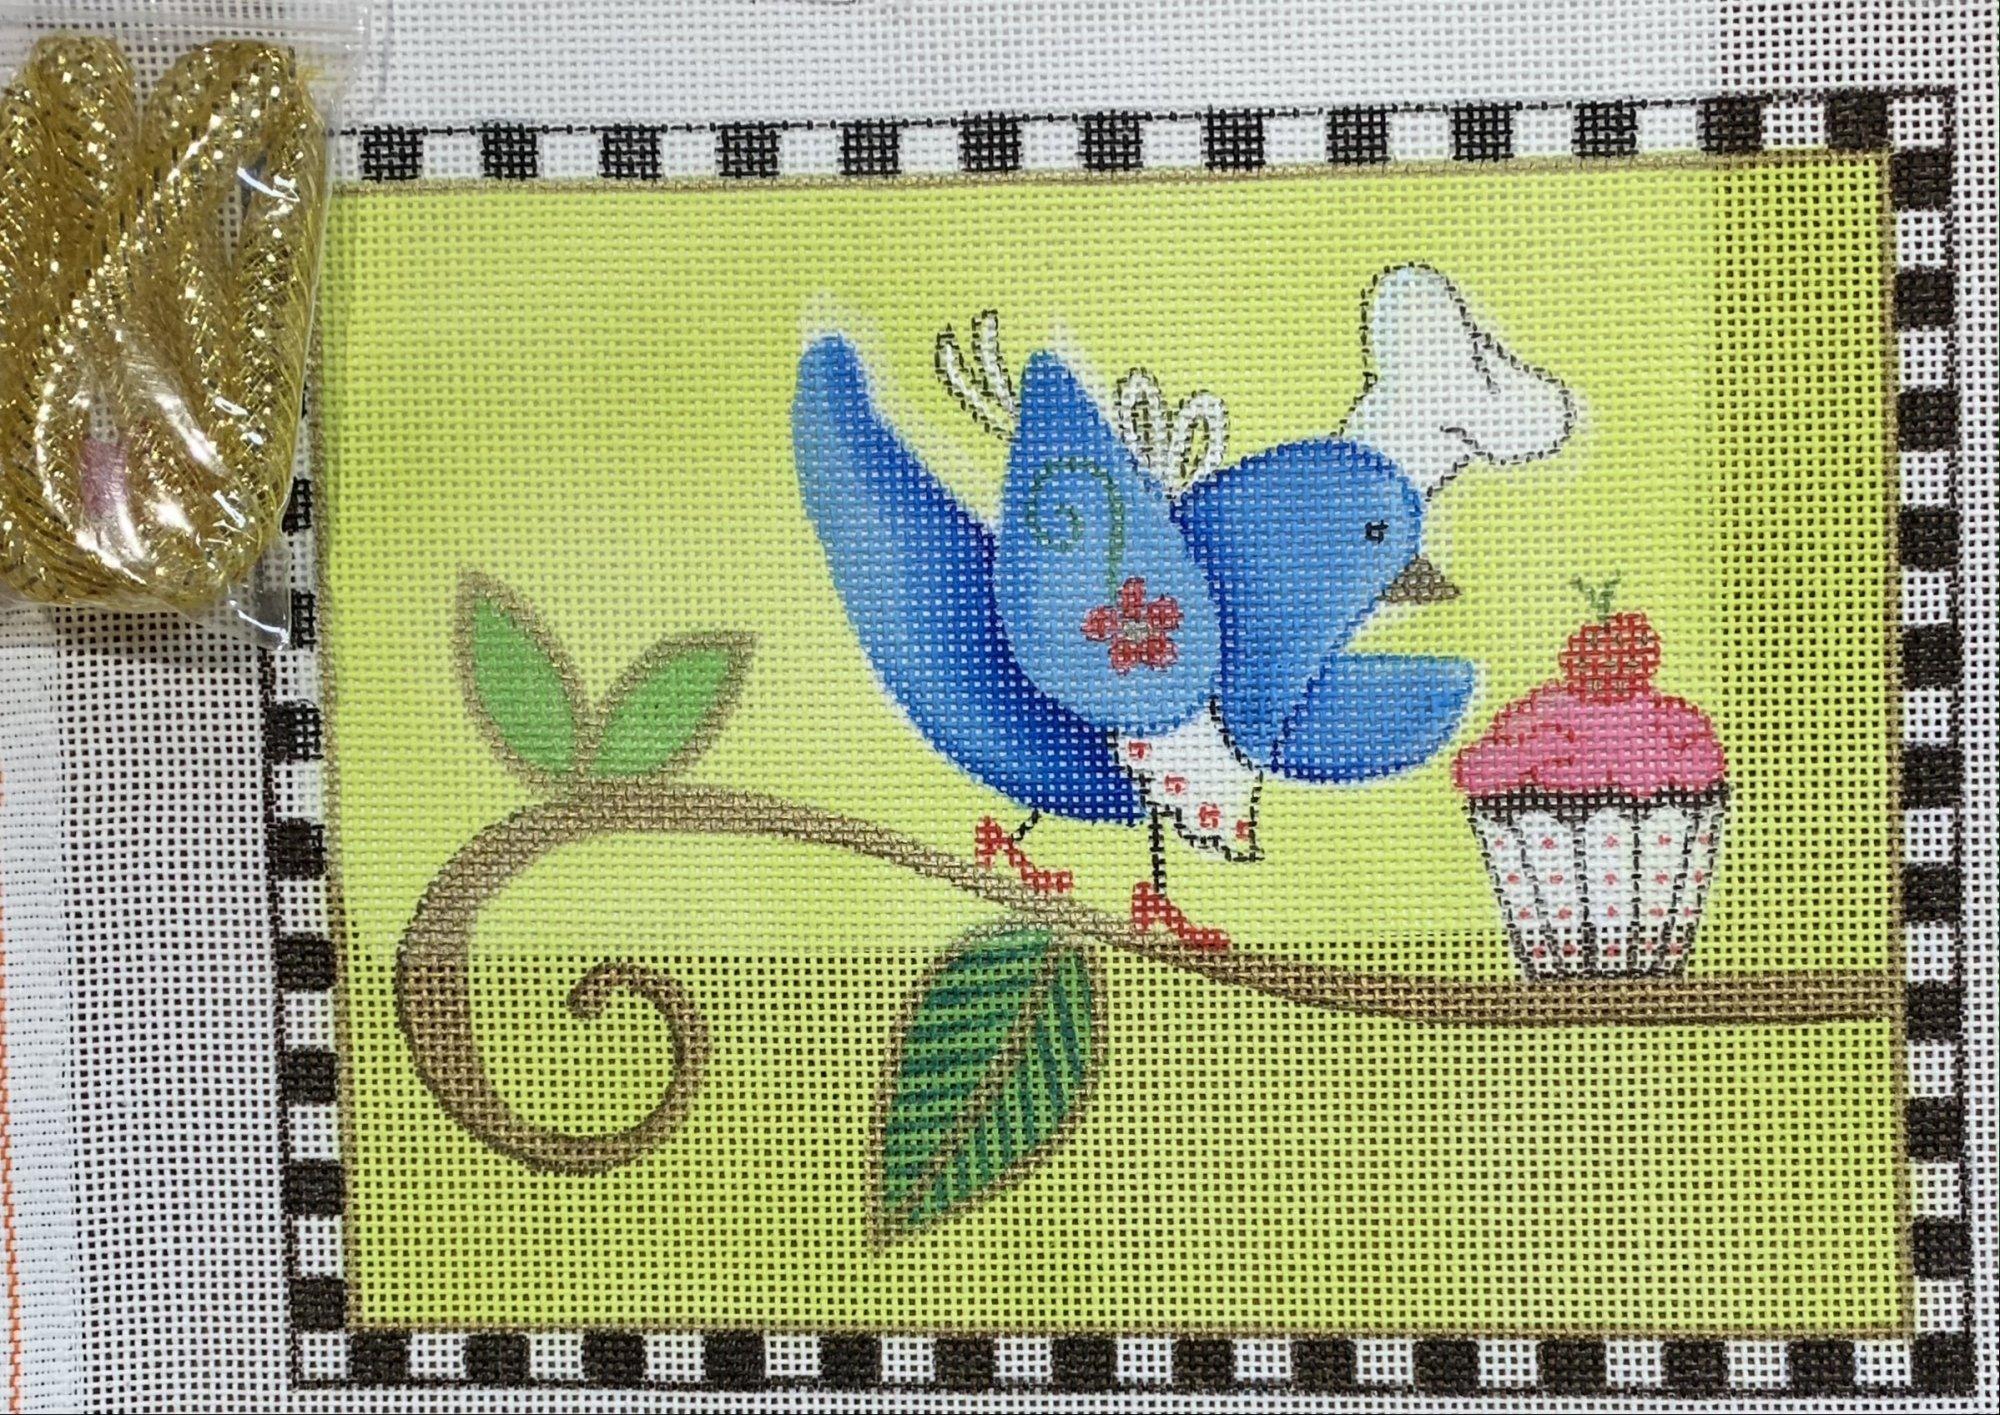 Ms. Birdie & Cupcake